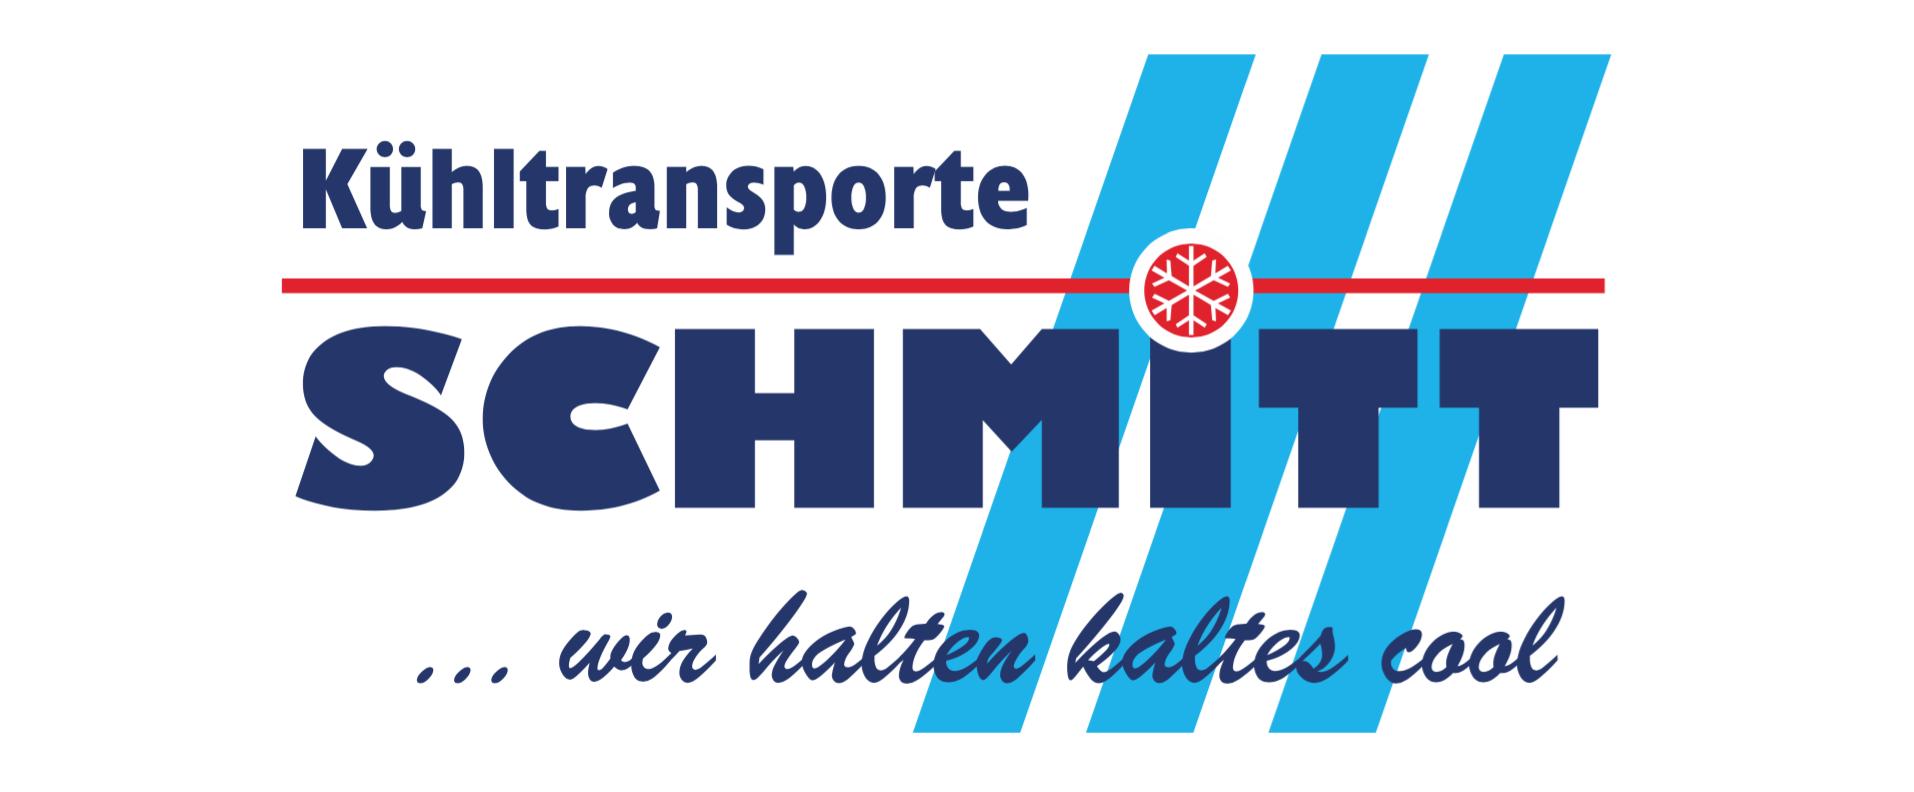 Schmitt-Kühltransporte GmbH